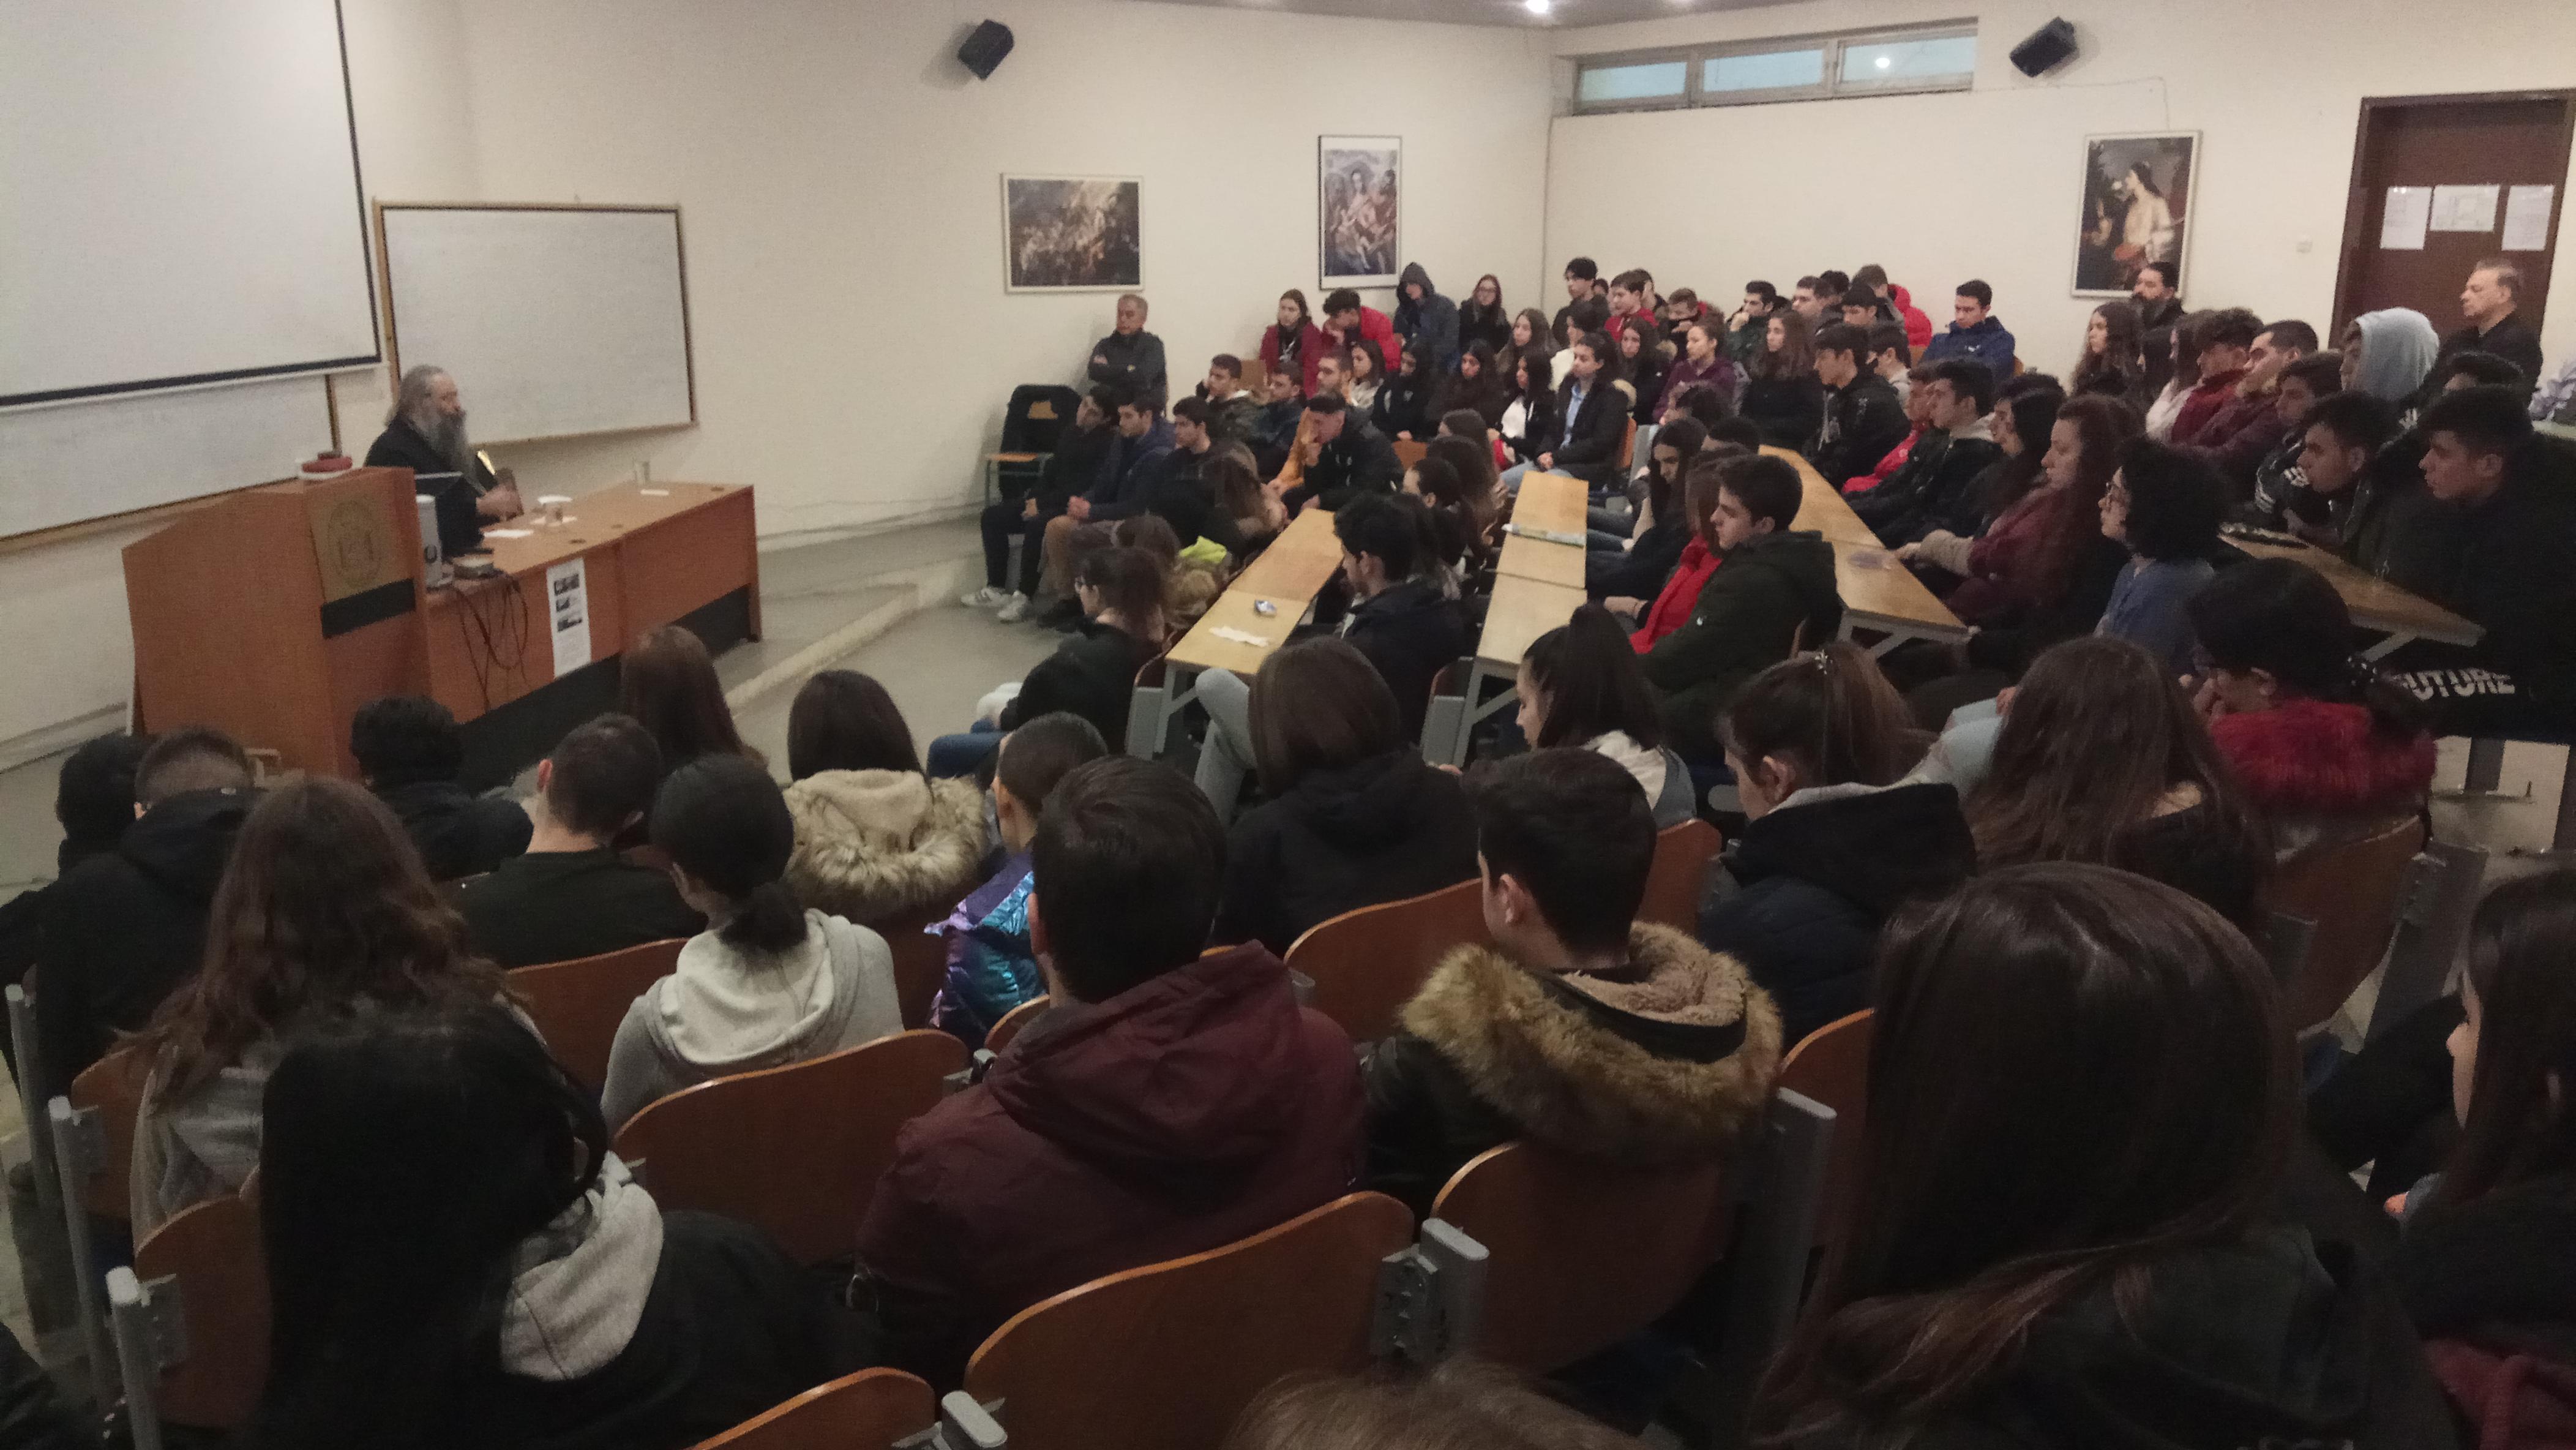 Το 5ο ΓΕΛ Κατερίνης επισκέφθηκε ο Μητροπολίτης: Ο Μητροπολίτης συζητά με νέους